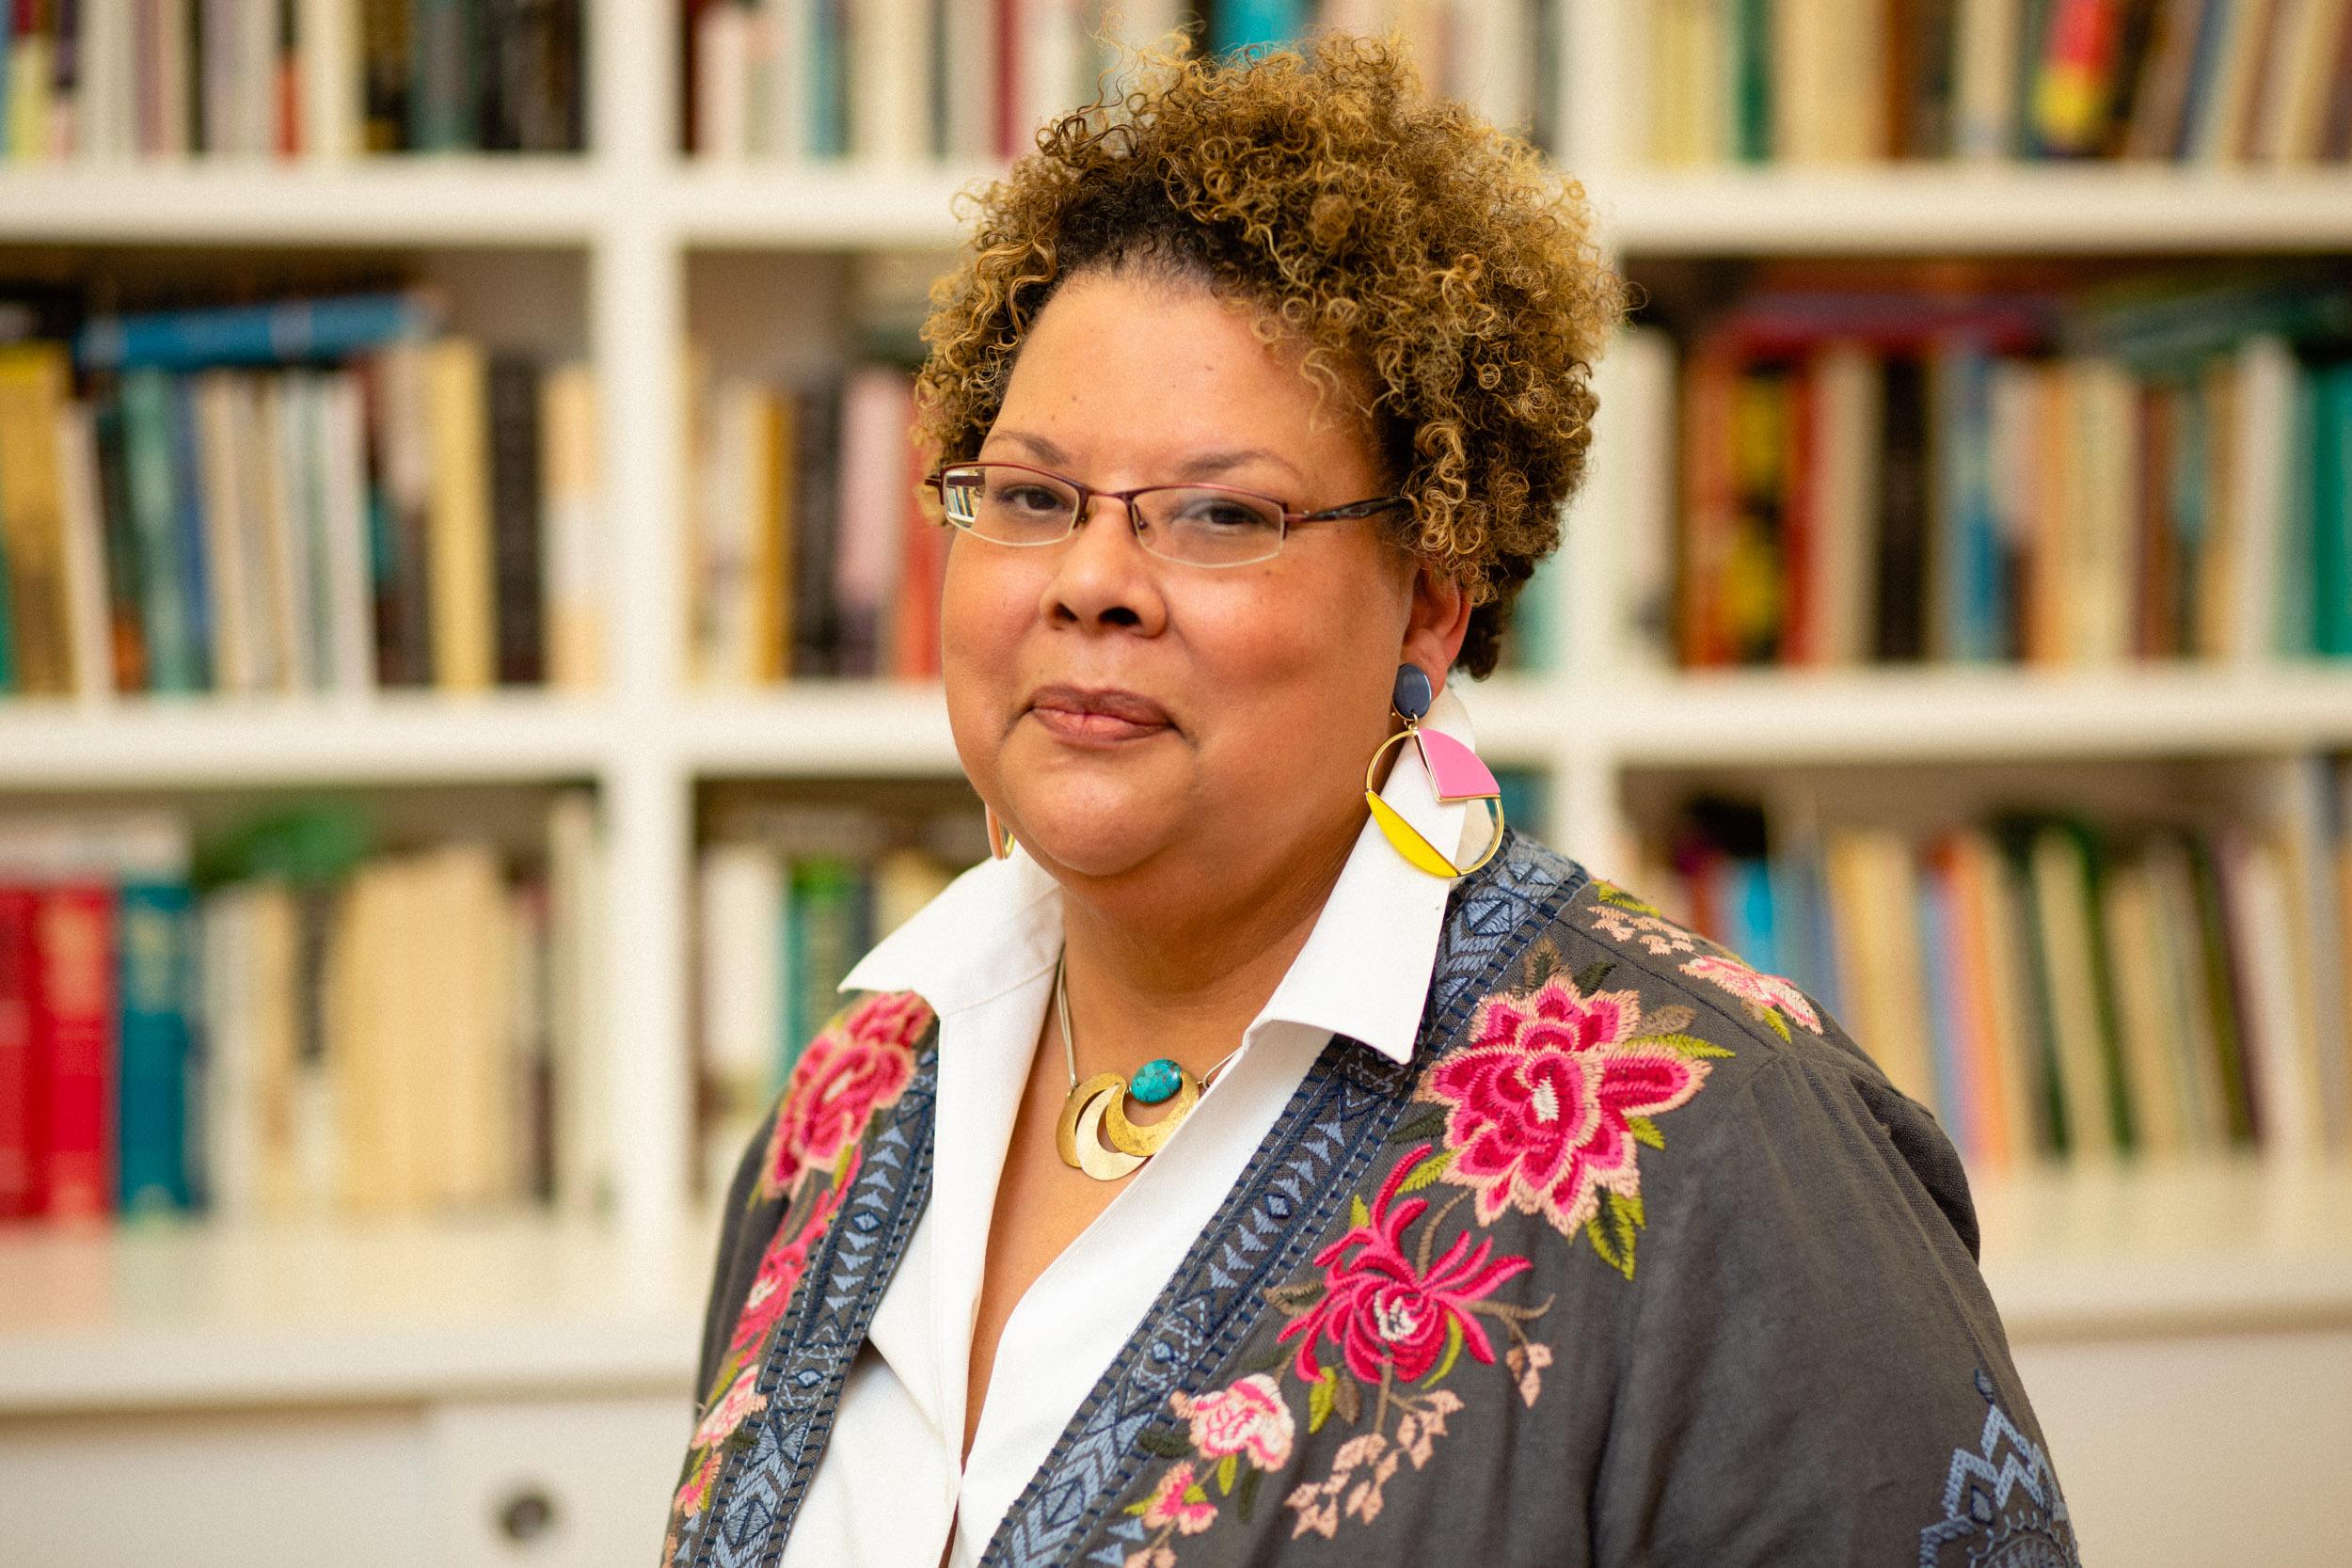 Vivian Nixon